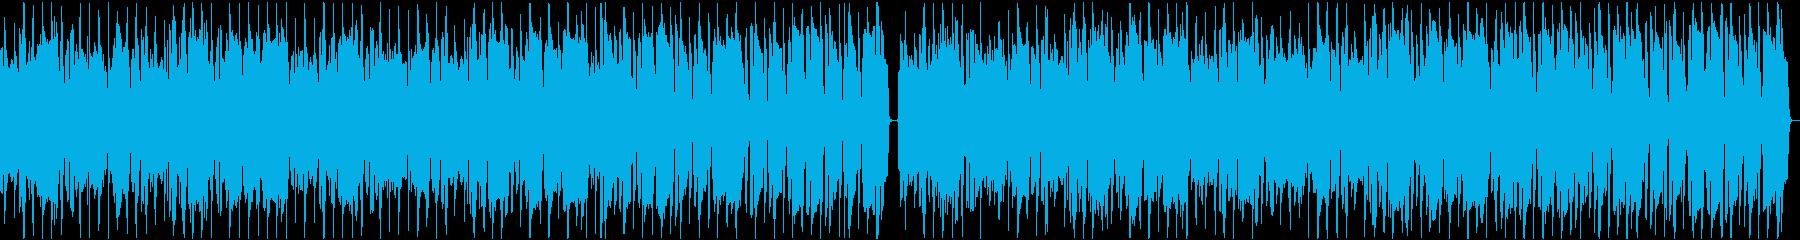 スキップしたくなるようなほのぼの口笛の再生済みの波形